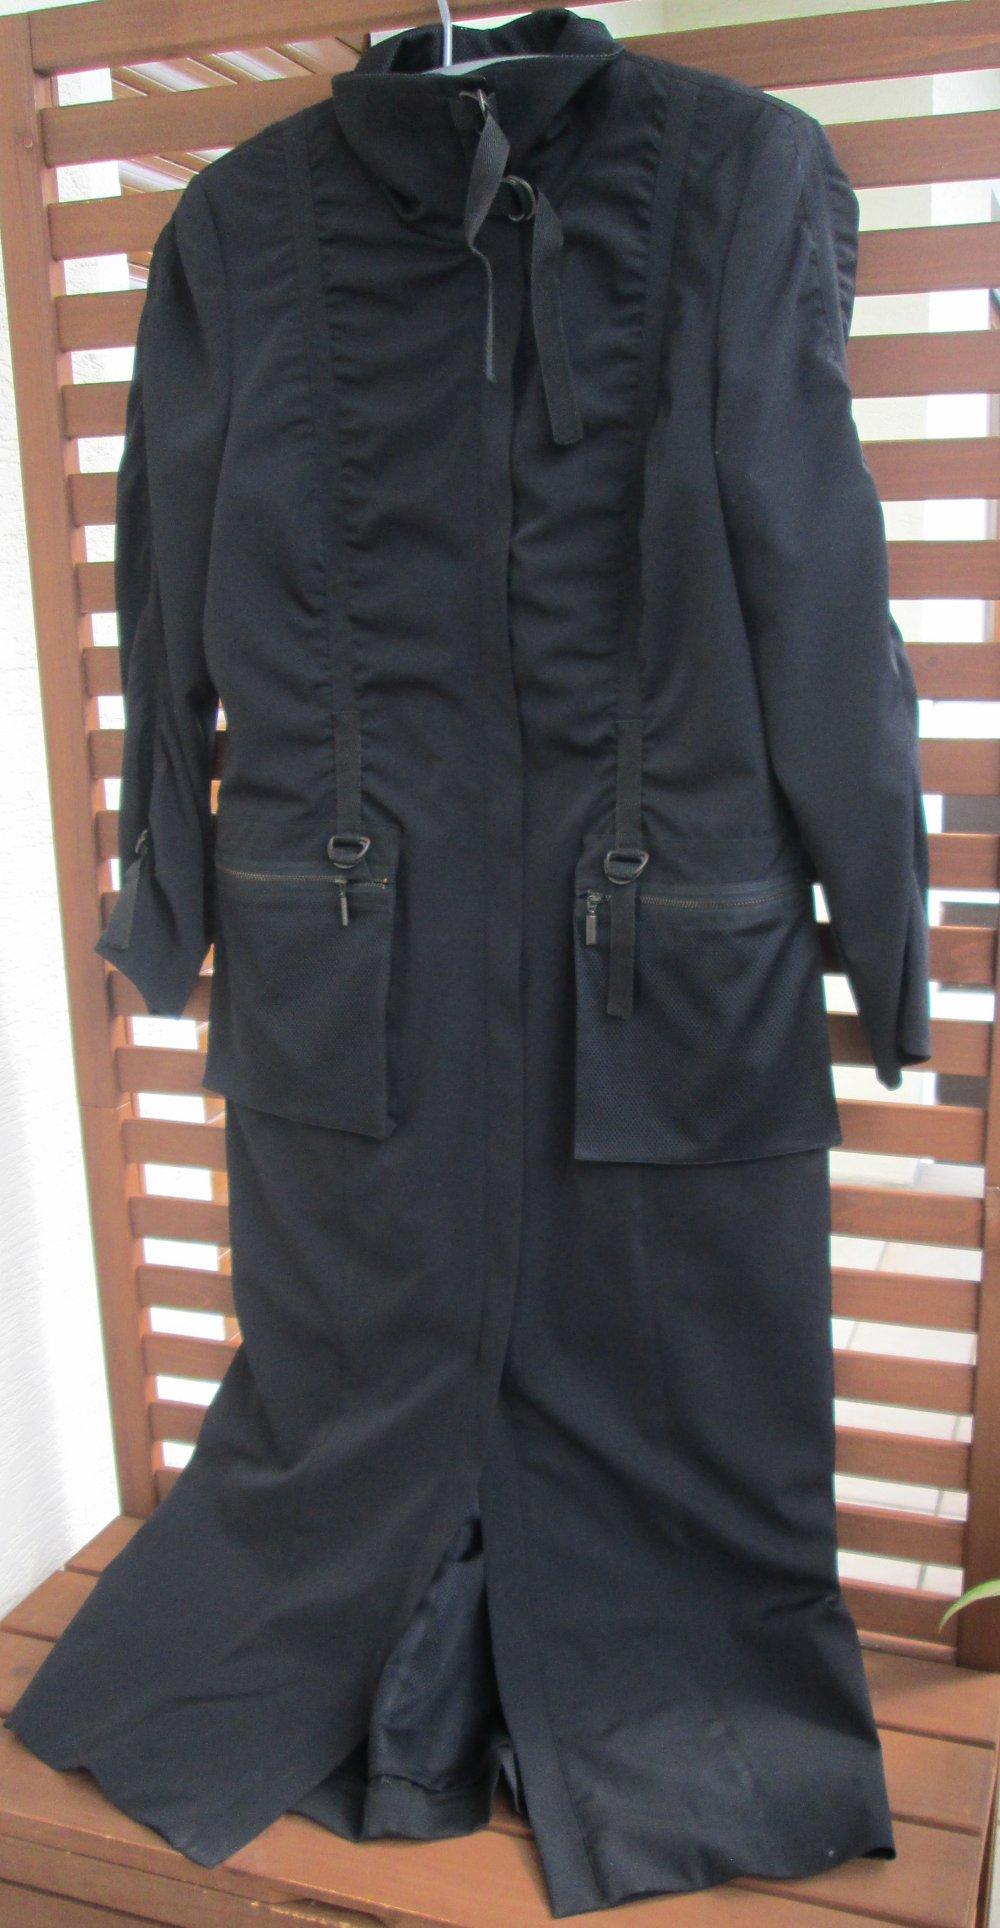 Schwarzer Mantel Schwarzer 40 Nagelneuer Mantel Gr Nagelneuer OPn0k8wNX